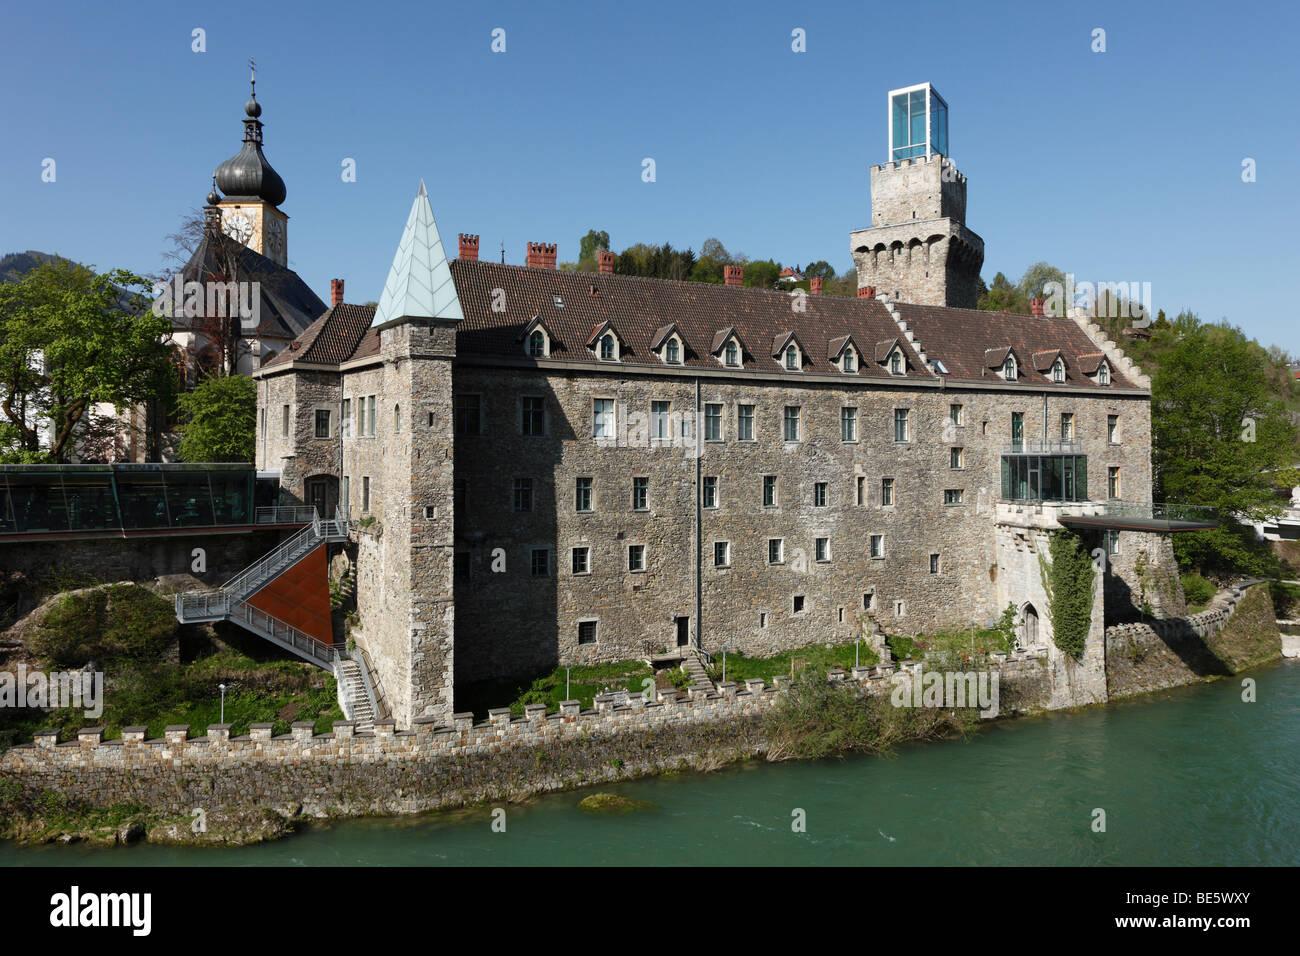 Rothschild Castle, Waidhofen an der Ybbs, Mostviertel region, Lower Austria, Austria, Europe - Stock Image